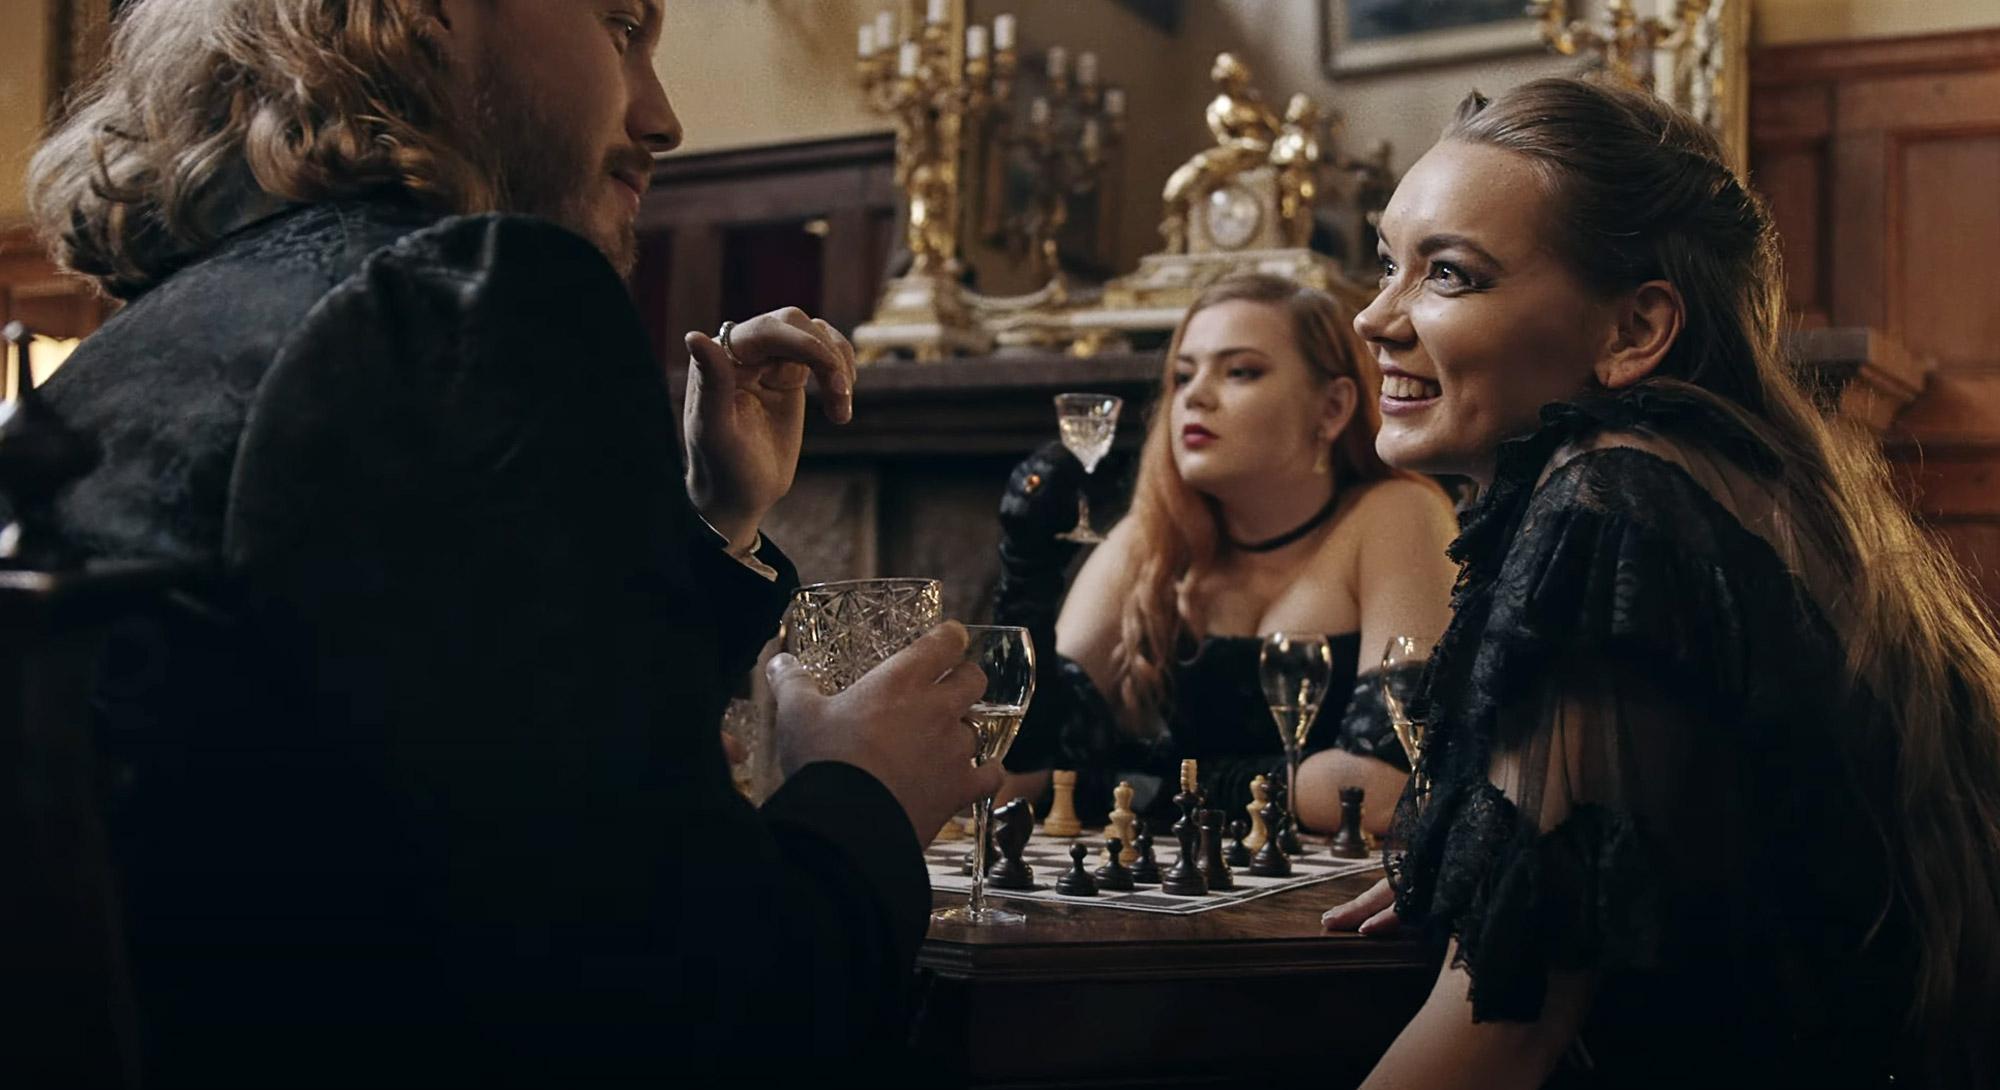 Bloodred Hourglass estrenan el vídeo de 'Kings & Queens'